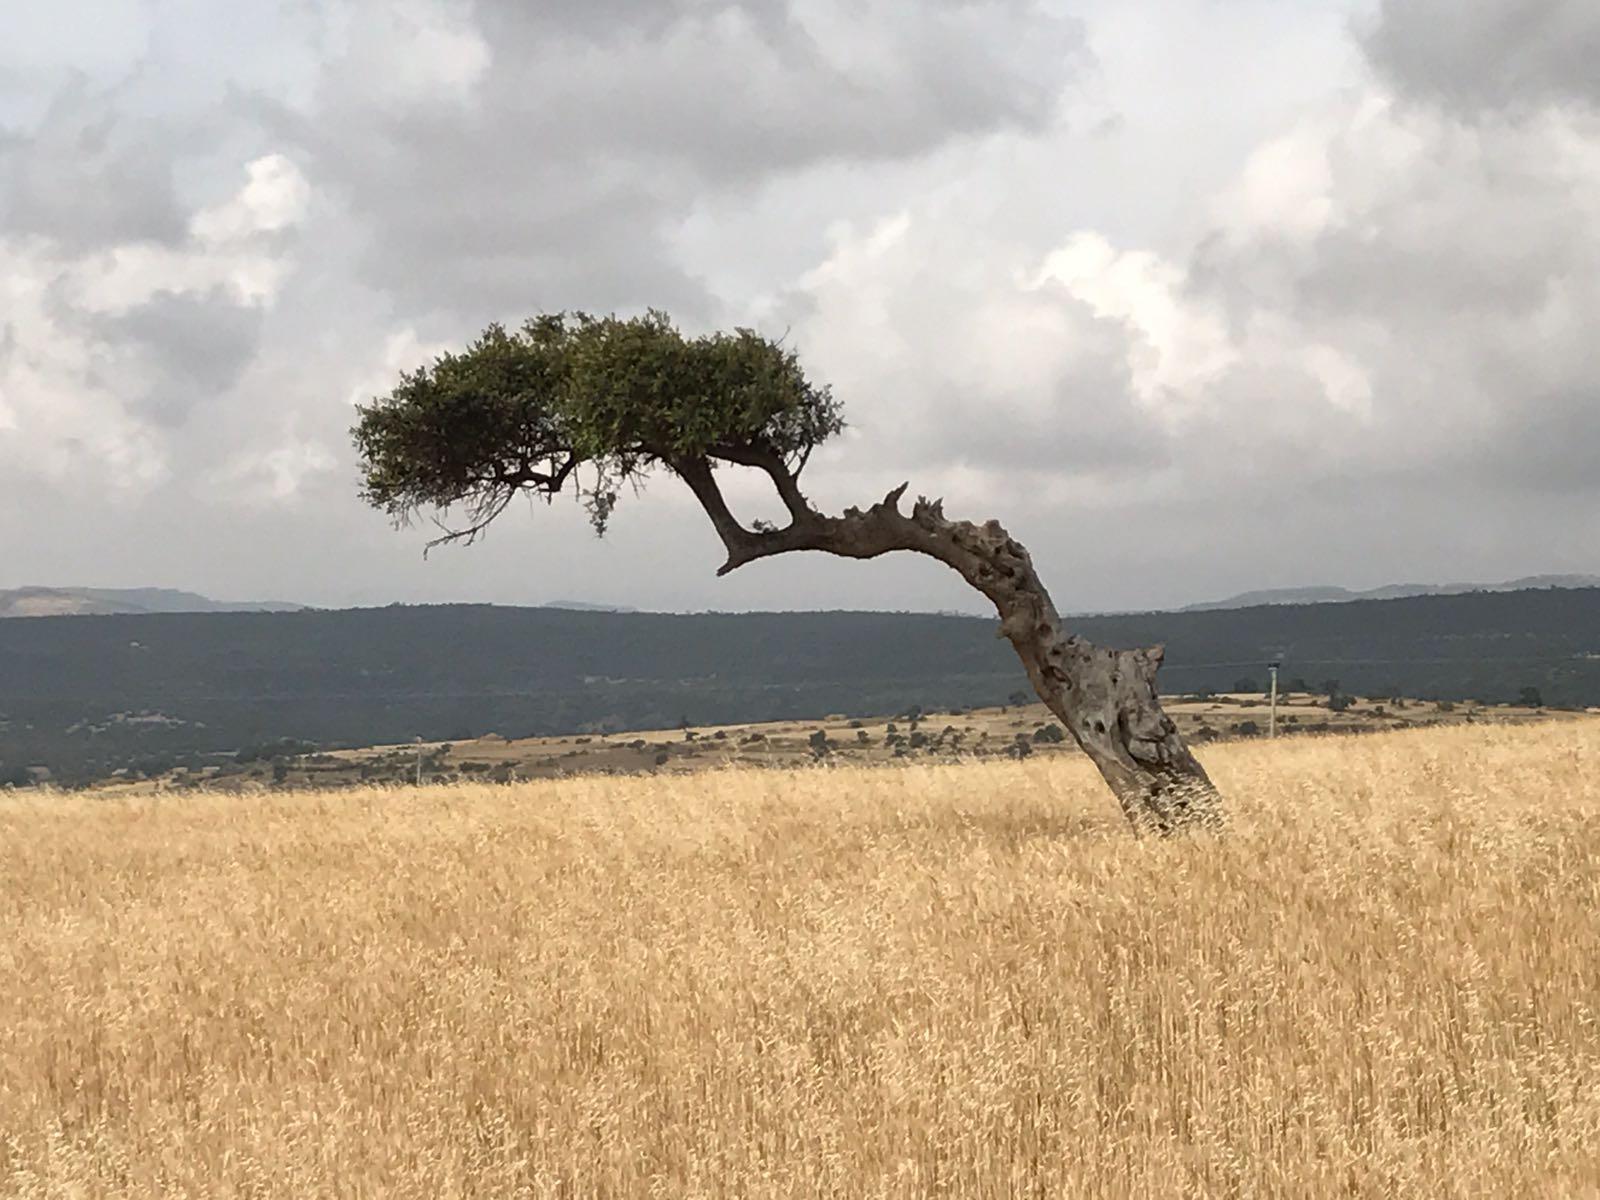 A Recent Visit to Ethiopia